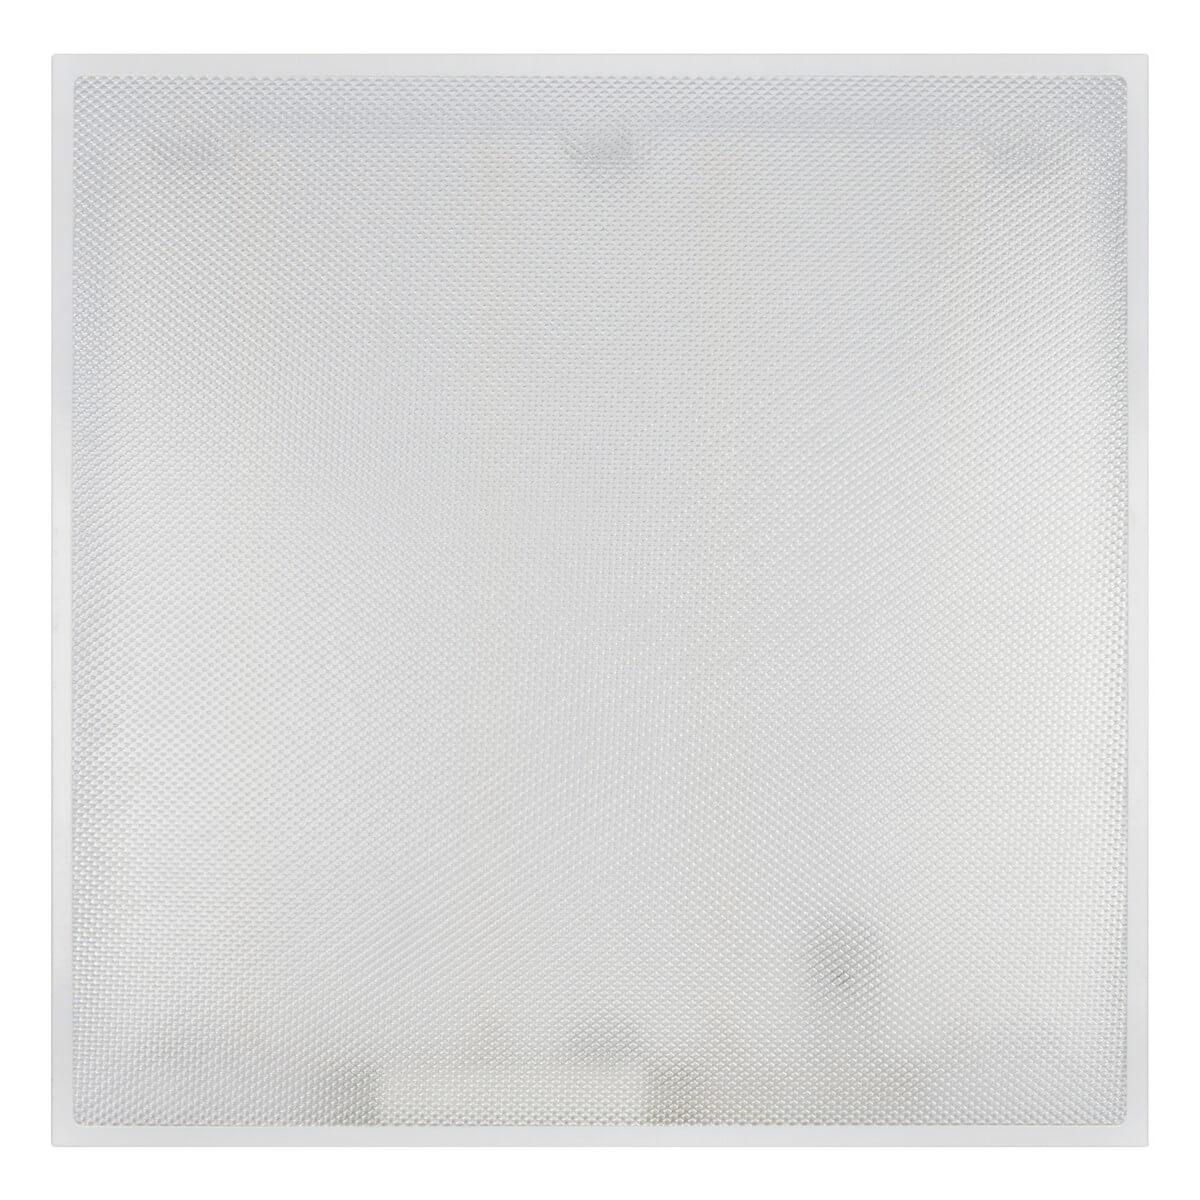 купить Встраиваемый светодиодный светильник (UL-00004485) Uniel ULP-6060 54W/5000К IP54 Medical White дешево